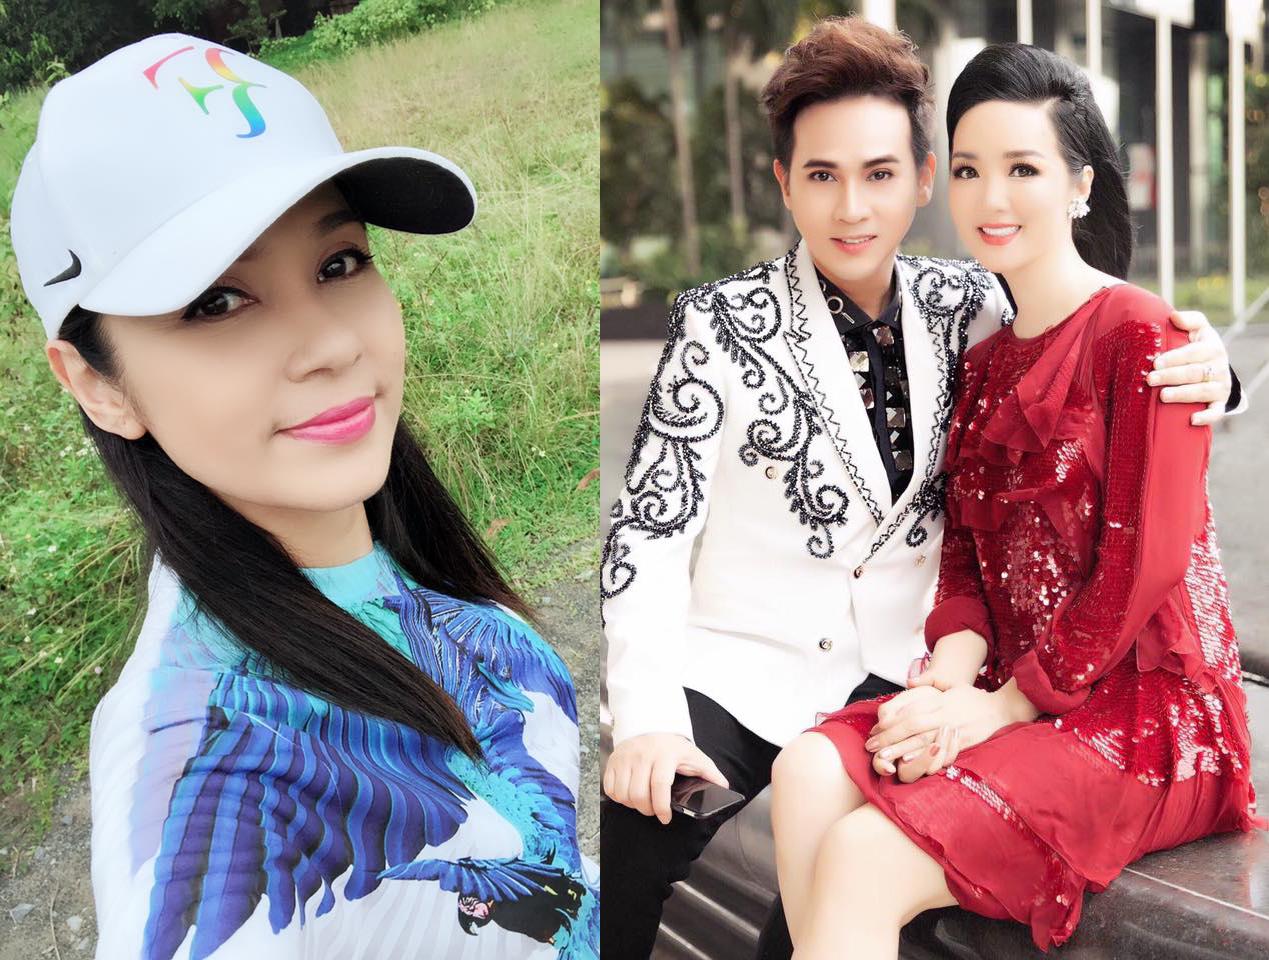 Ảnh đời thường qua Facebook Sao Việt ngày 25/8/2018